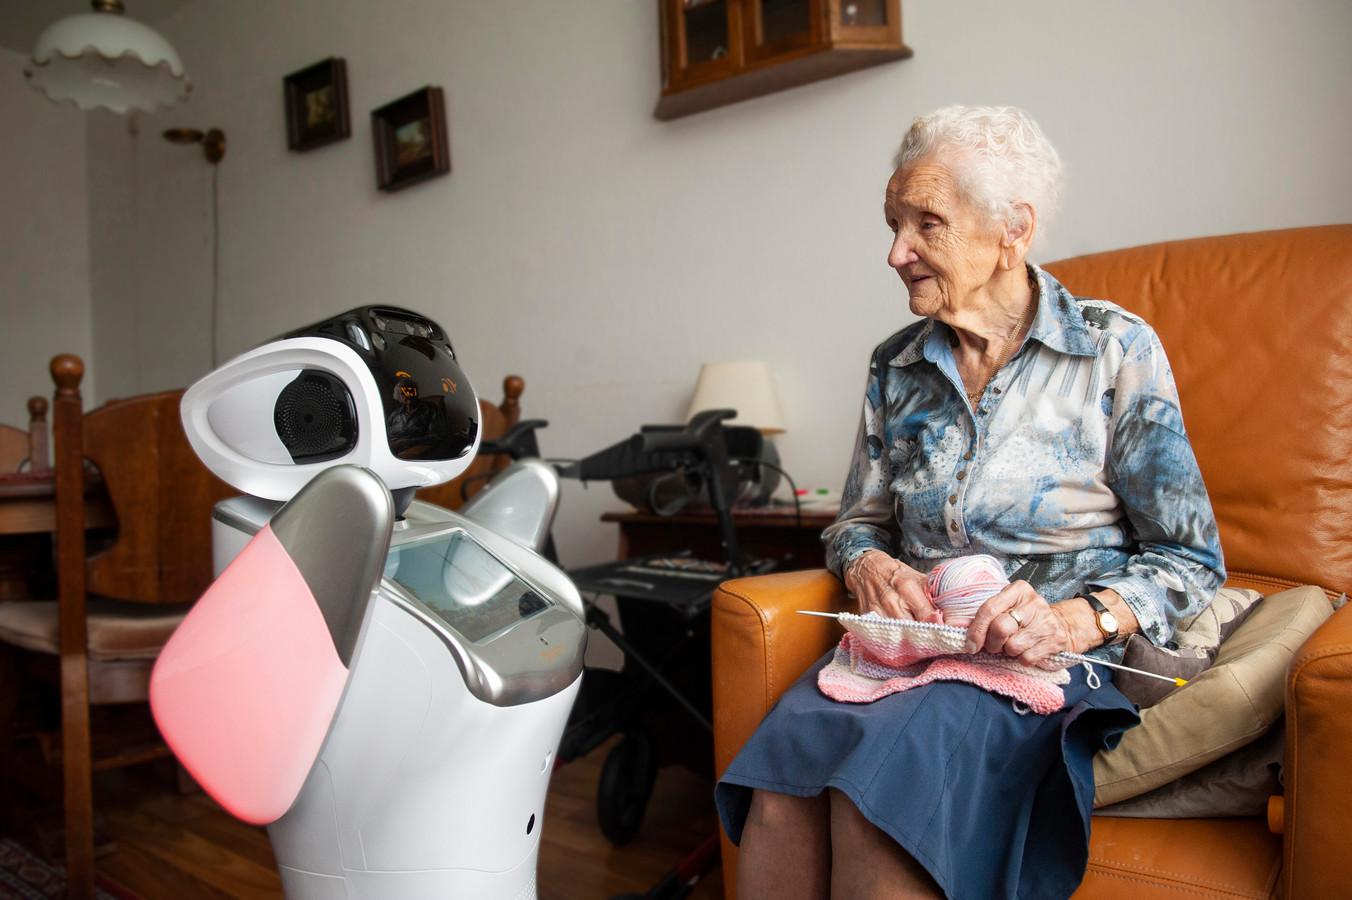 Slimmere processen en de inzet van robots, zoals in zorgcentrum De Vossenberg in Kaatsheuvel, moeten de druk op schaars personeel verminderen.